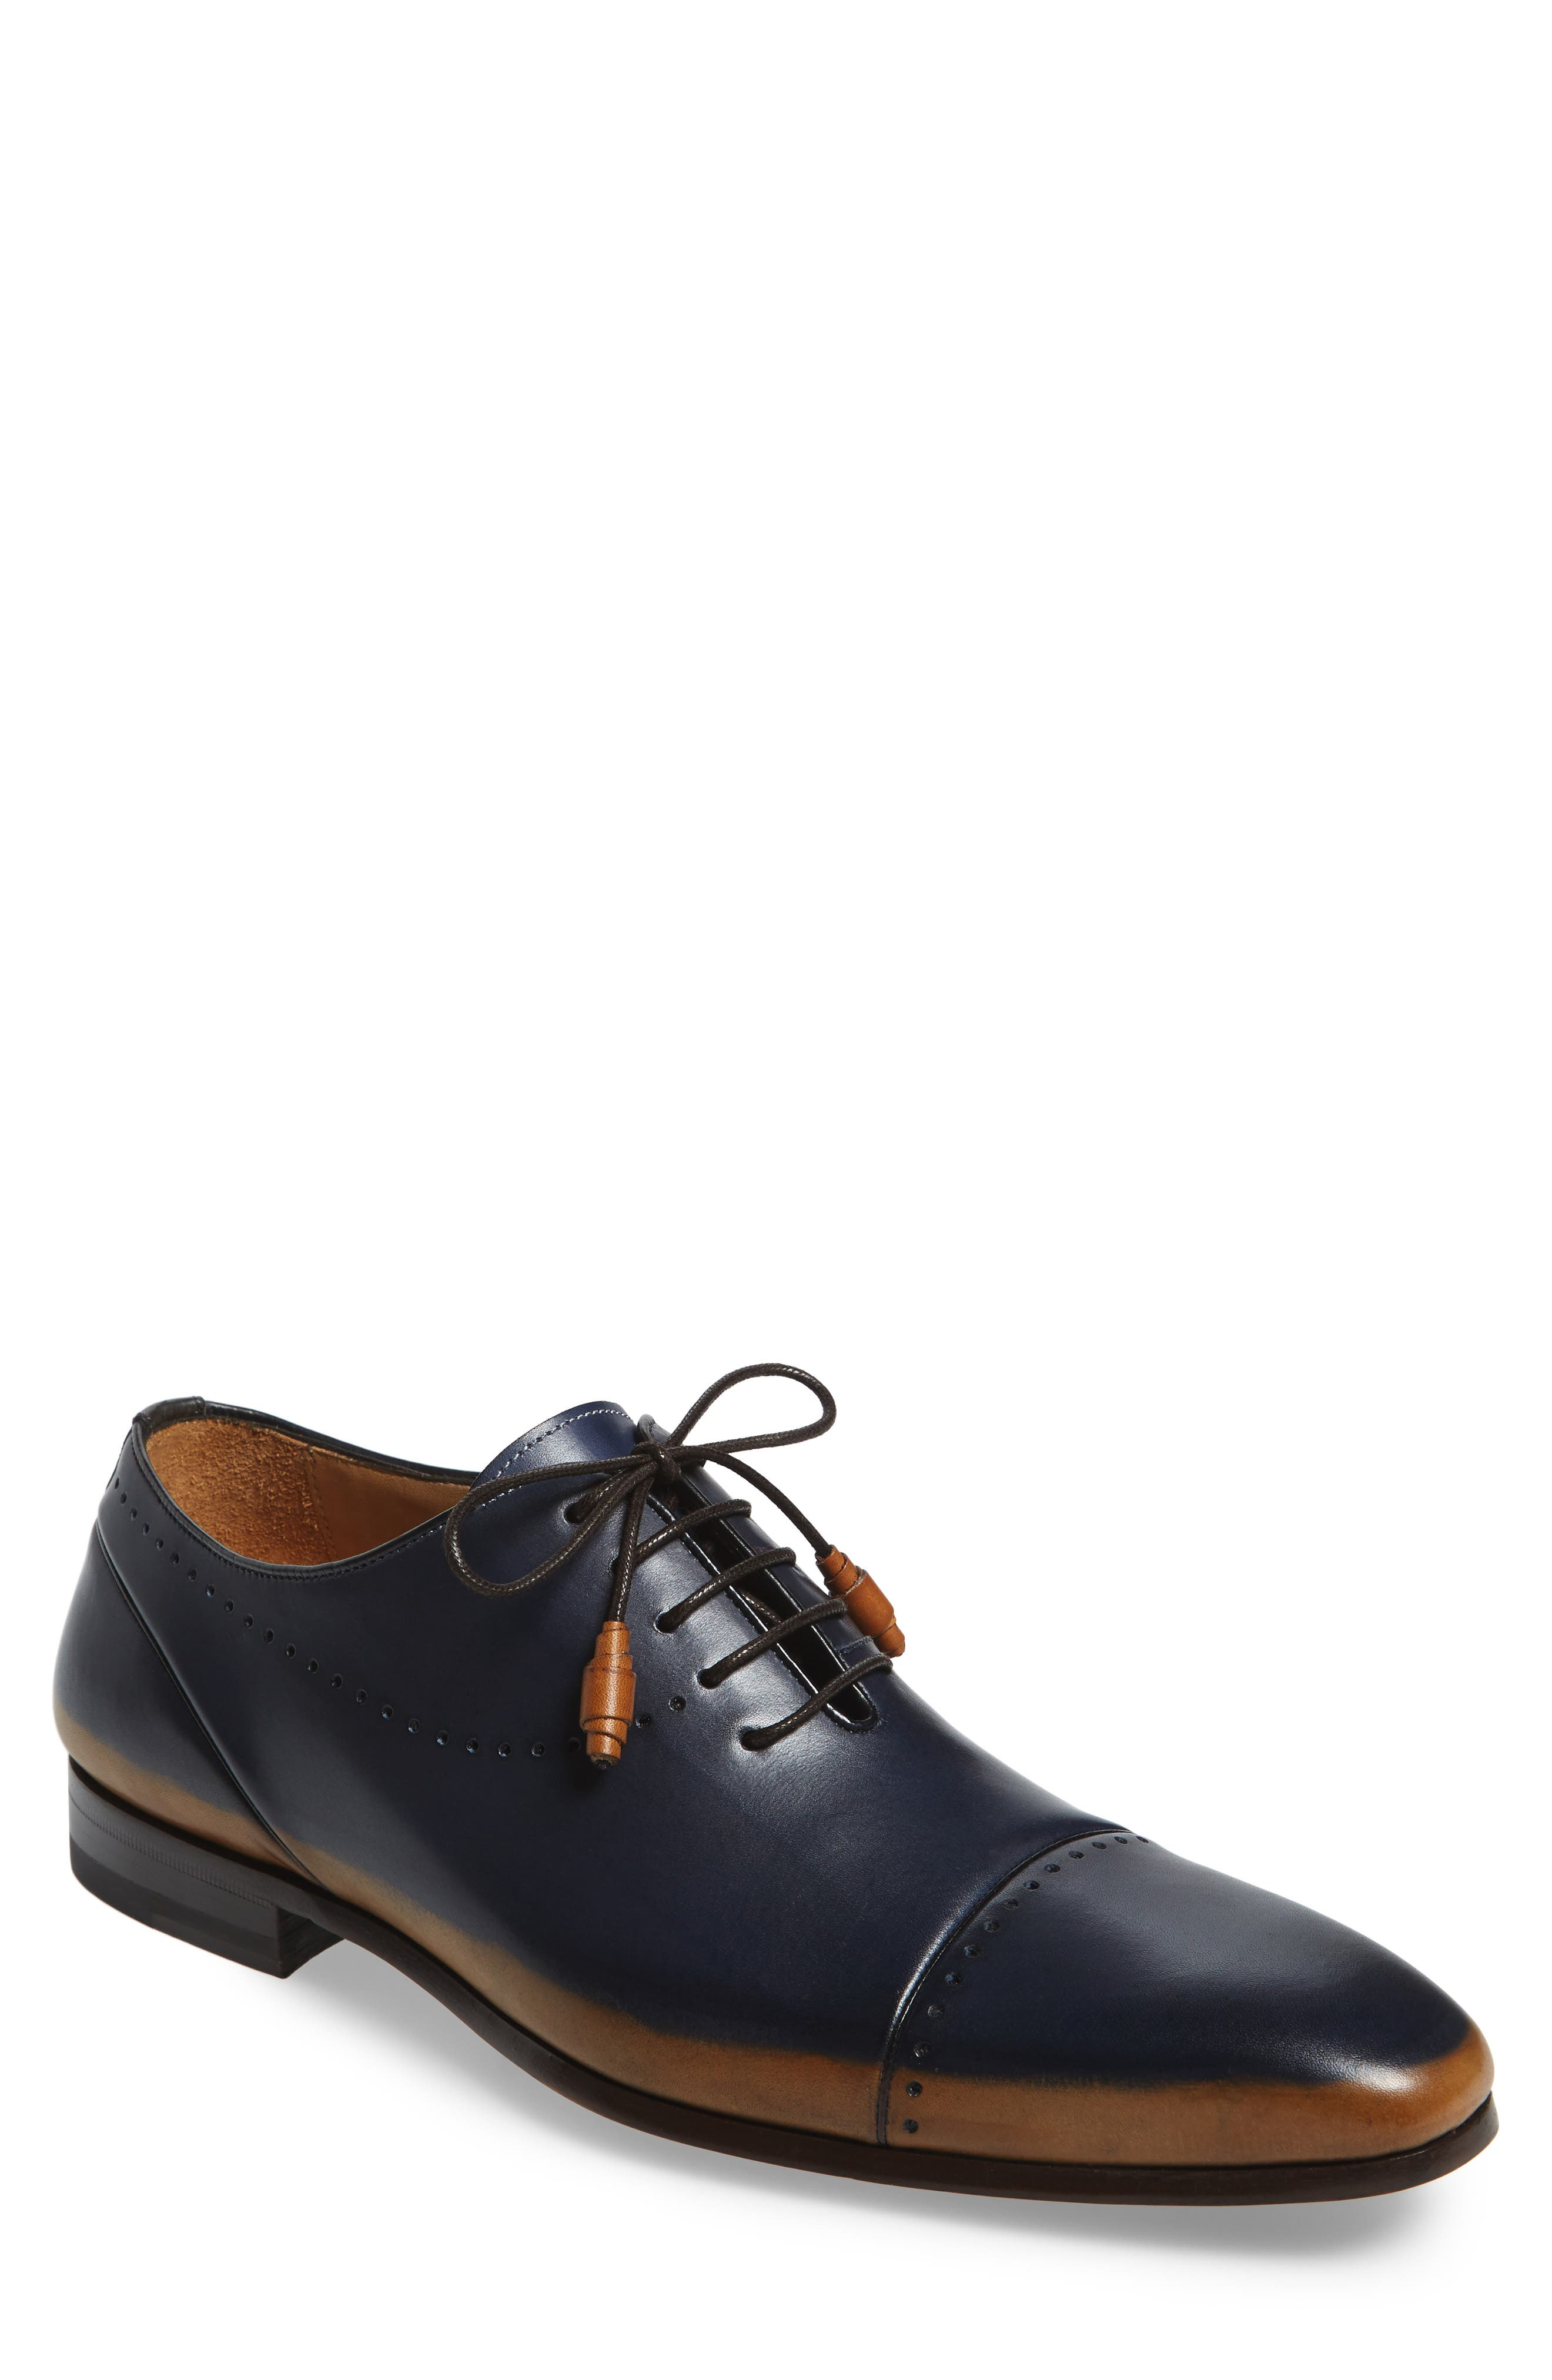 Icaro Cap Toe Oxford,                         Main,                         color, Tan/ Blue Leather